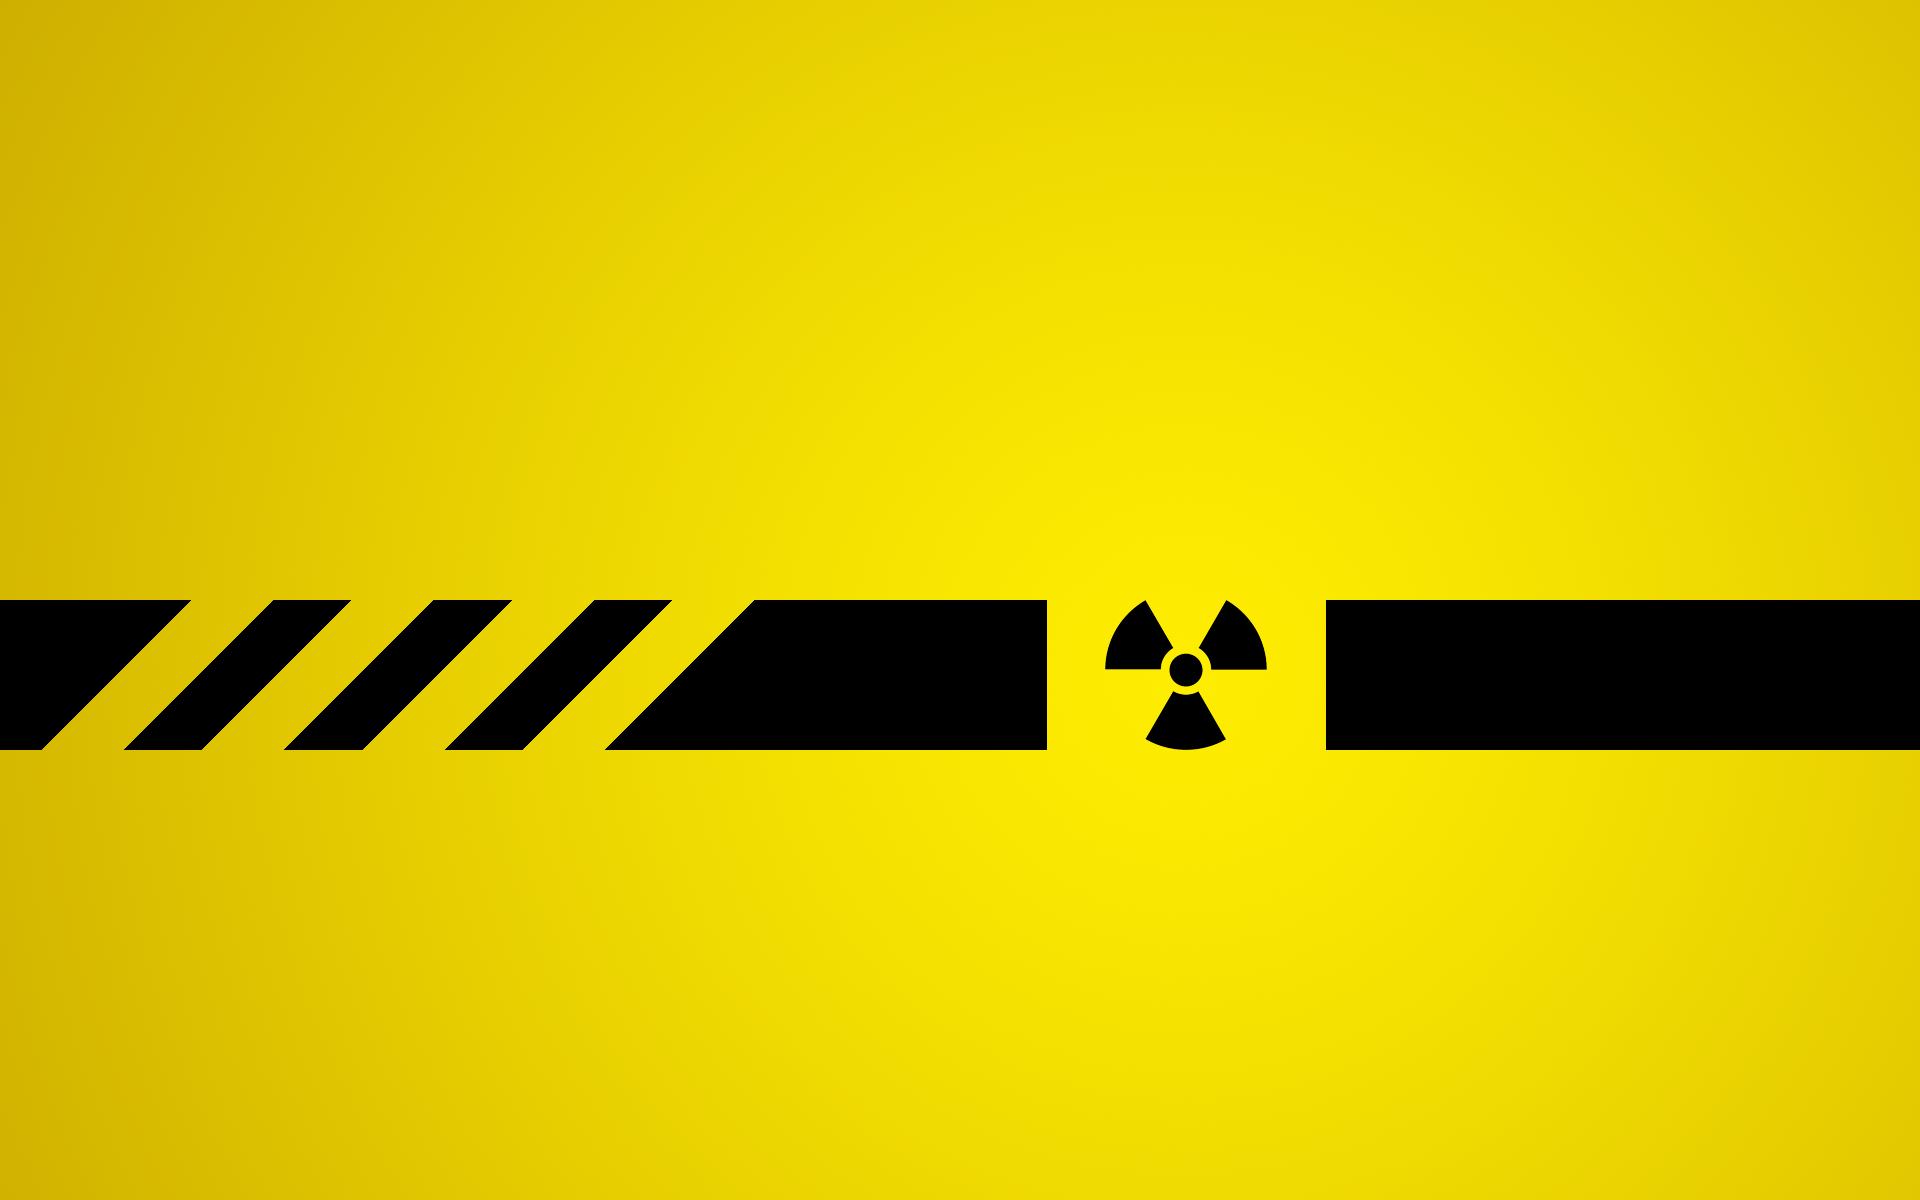 Sci Fi Radioactive 1920x1200